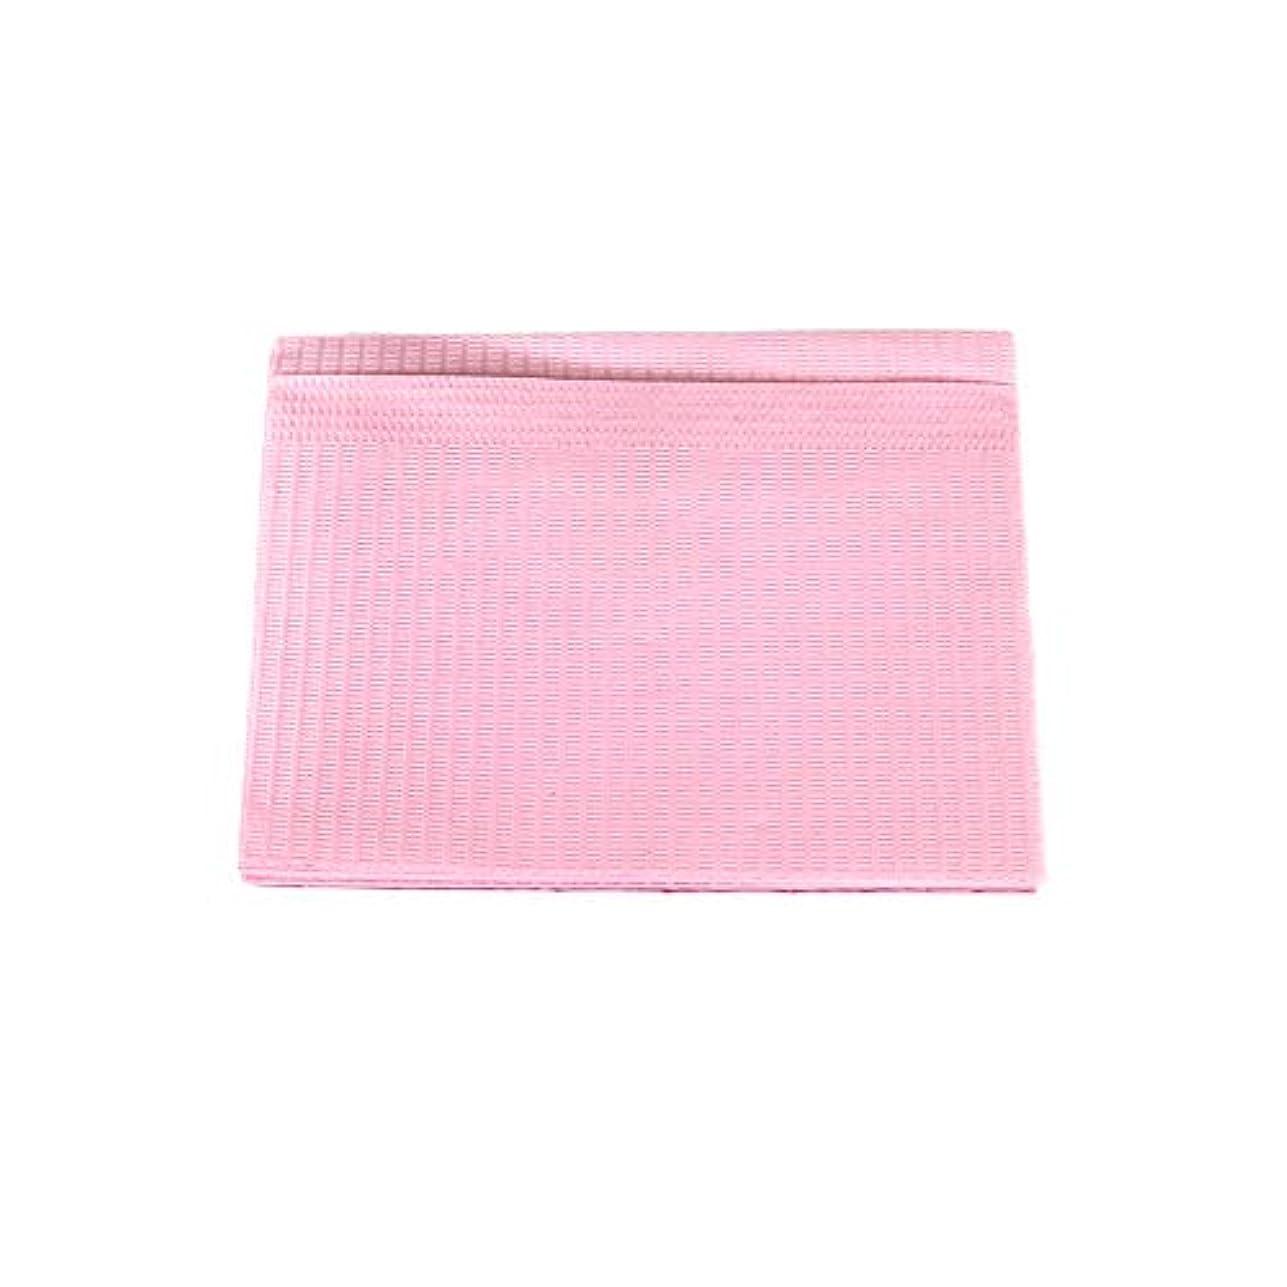 防水ネイルペーパー ピンク 10枚入り ネイルシート 防水ペーパー キッチンペーパー